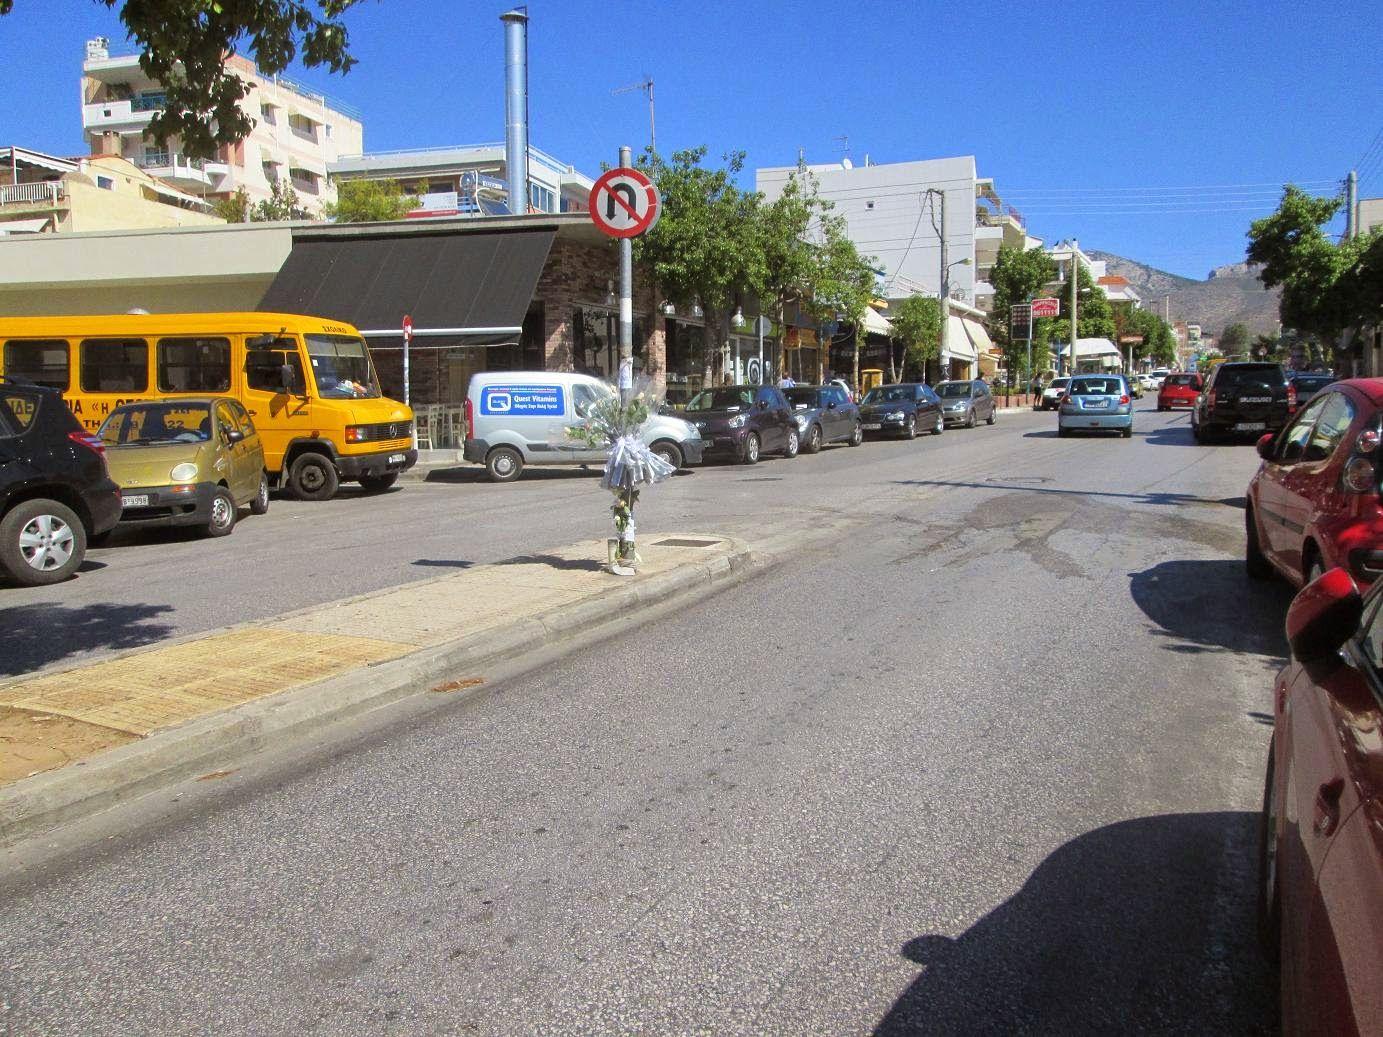 Ελληνικό: Ξεκίνησε η ασφαλτόστρωση των Λ. Ιασωνίδου και Γούναρη